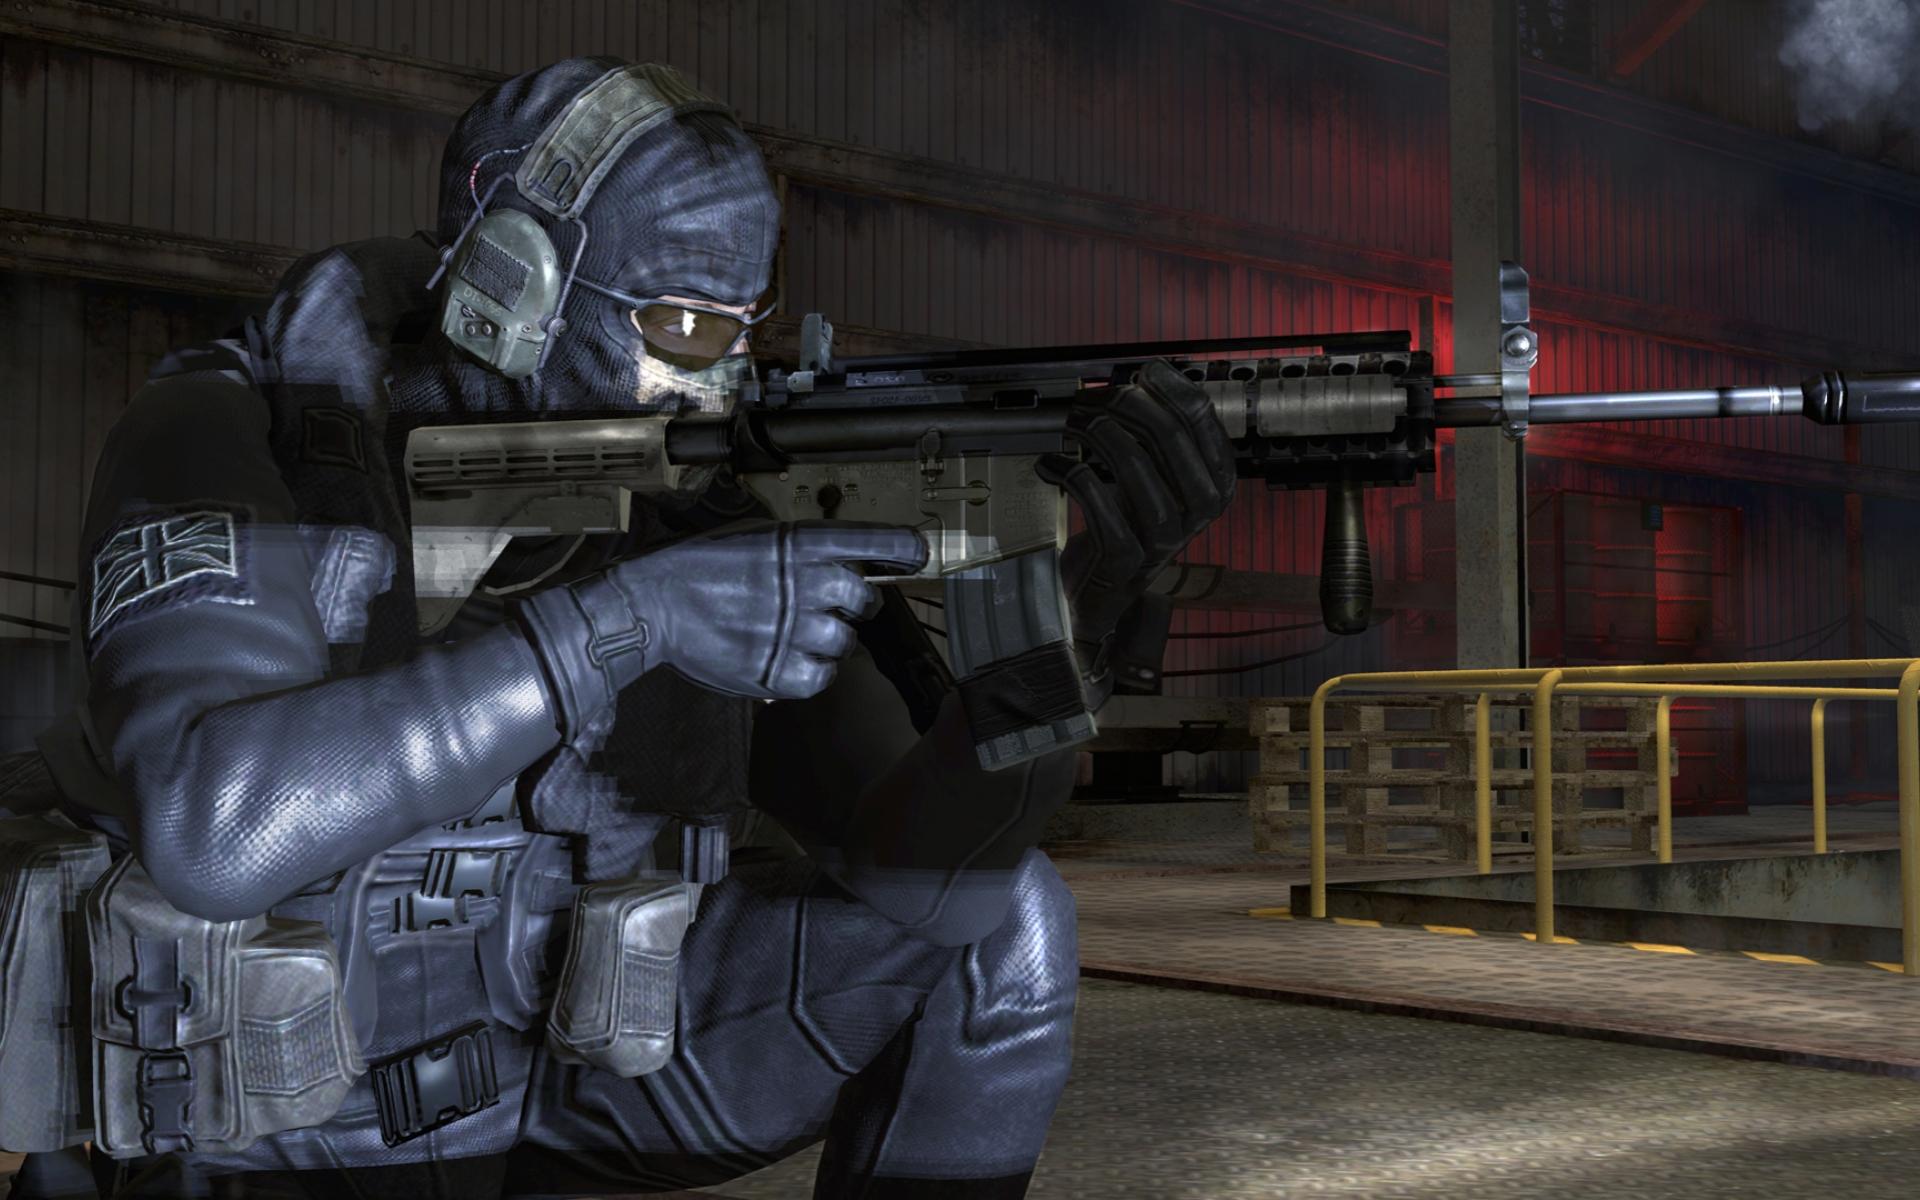 Call of duty modern warfare 2 gun -  Modern Warfare 2 View Original